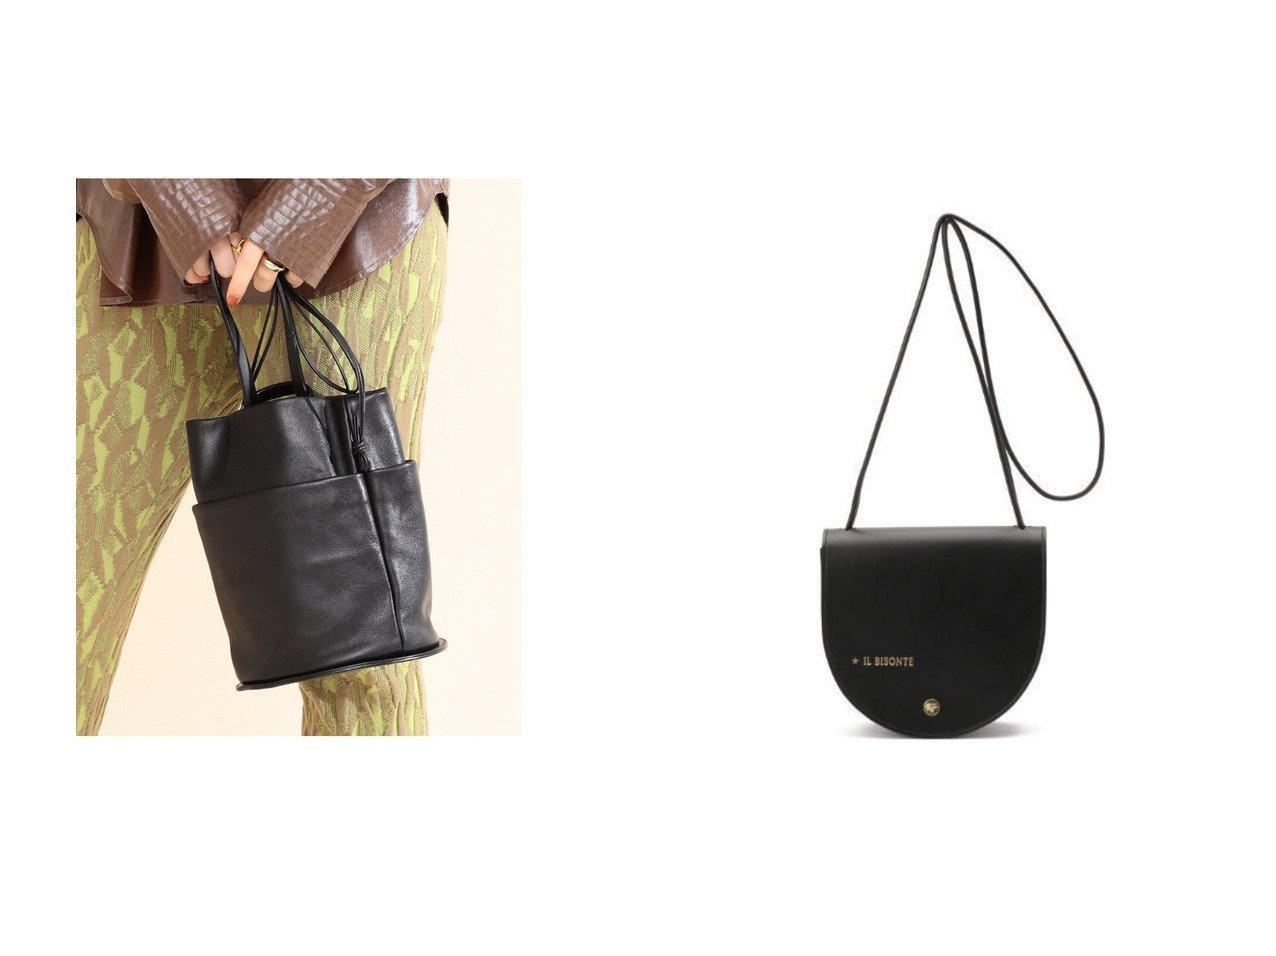 【Ray BEAMS/レイ ビームス】のRound Bottom バッグ&【IL BISONTE/イル ビゾンテ】のクロスボディバッグ 【バッグ・鞄】おすすめ!人気、トレンド・レディースファッションの通販 おすすめで人気の流行・トレンド、ファッションの通販商品 インテリア・家具・メンズファッション・キッズファッション・レディースファッション・服の通販 founy(ファニー) https://founy.com/ ファッション Fashion レディースファッション WOMEN バッグ Bag ショルダー シンプル スマート モダン ワンポイント ポケット 日本製 Made in Japan  ID:crp329100000070724